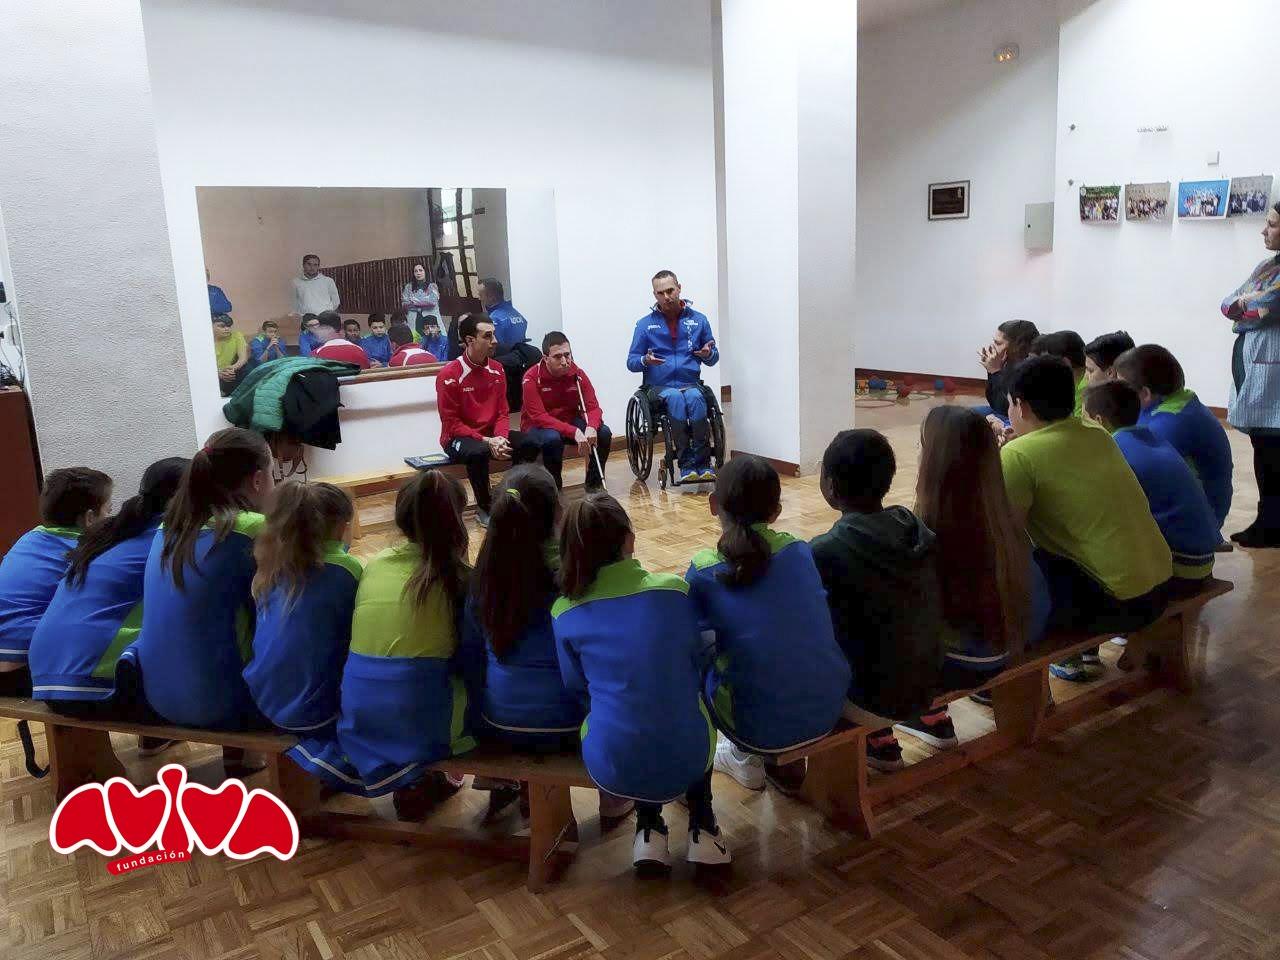 Programa en centros escolares - Deporte paralímpico